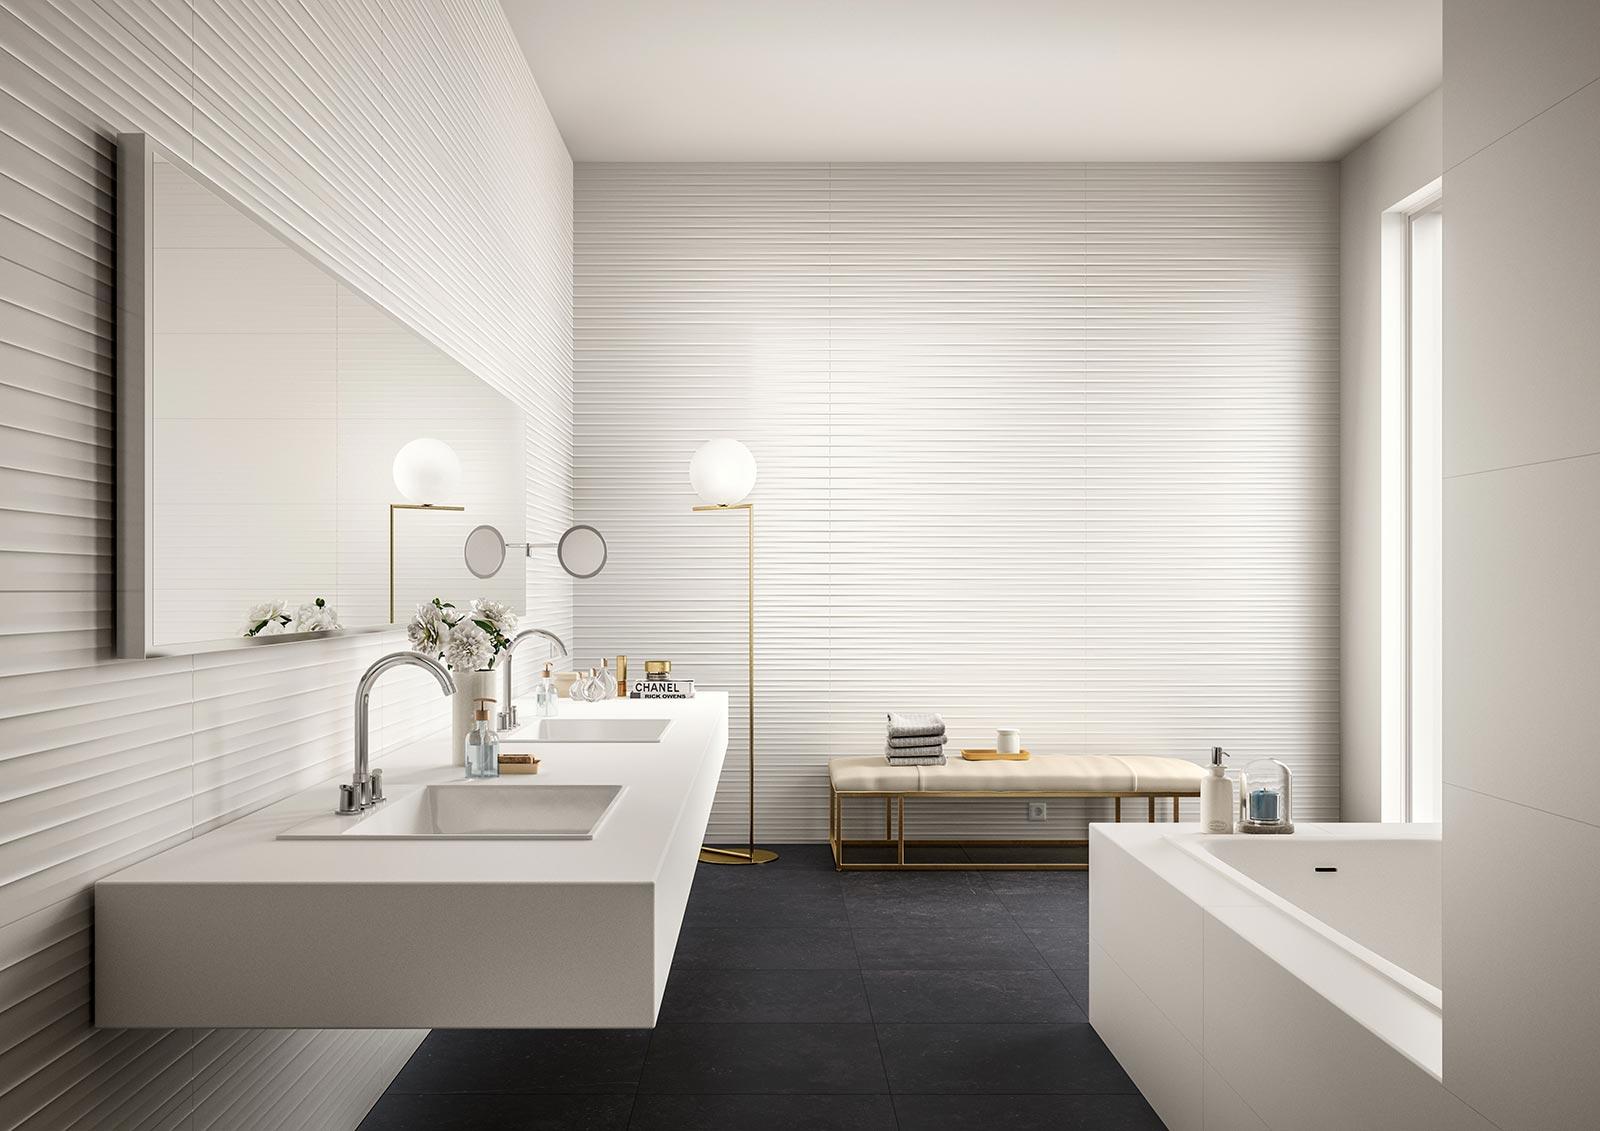 Carrelage salle de bain c ramique et gr s c rame marazzi for Salle de bain amiens